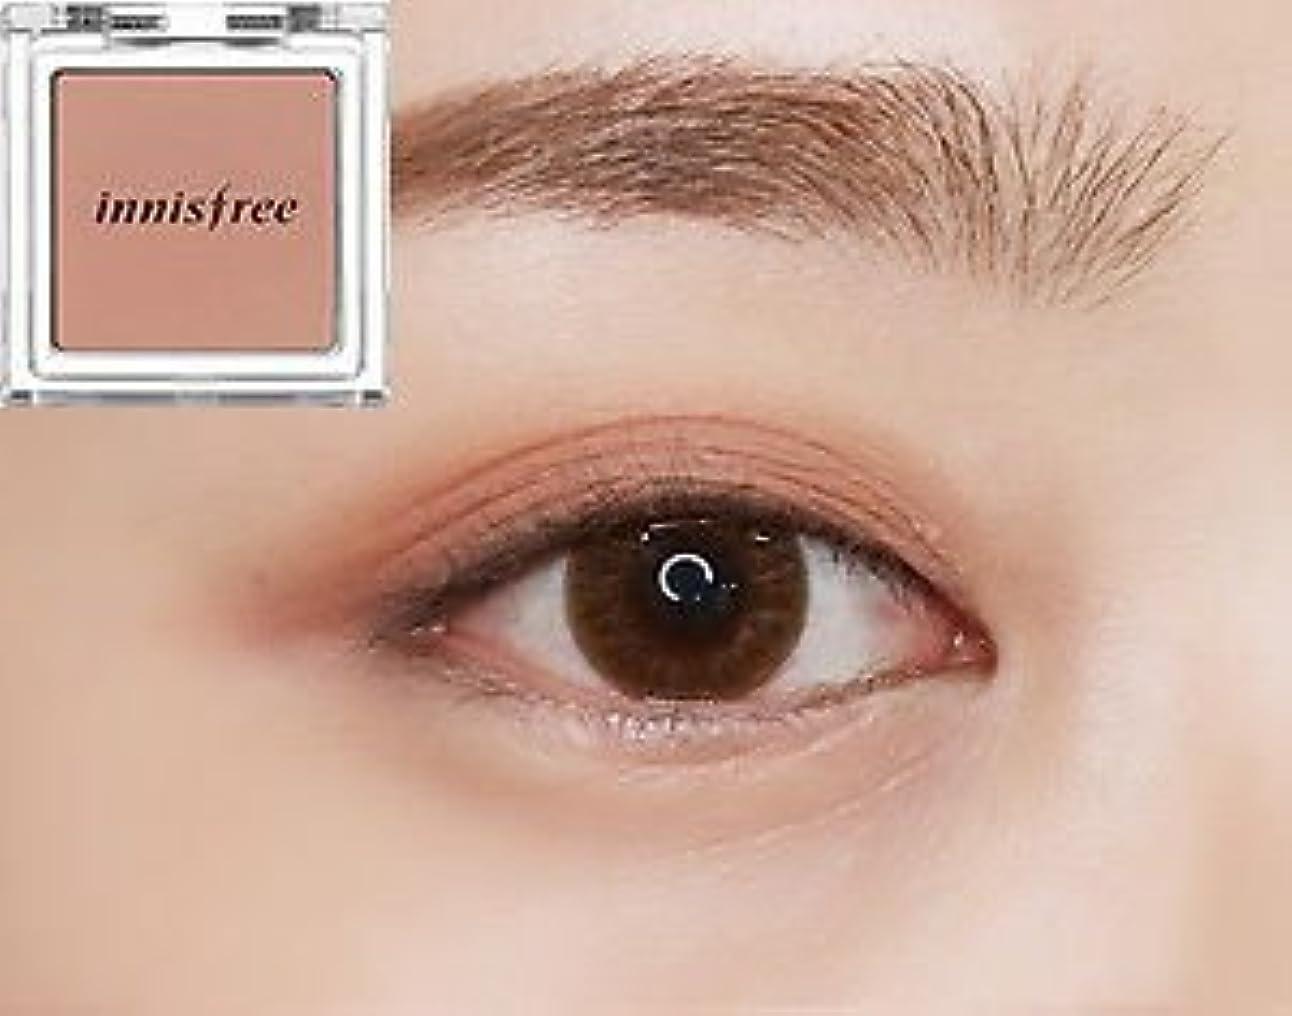 くぼみ郡持参[イニスフリー] innisfree [マイ パレット マイ アイシャドウ (マット) 40カラー] MY PALETTE My Eyeshadow (Matte) 40 Shades [海外直送品] (マット #11)